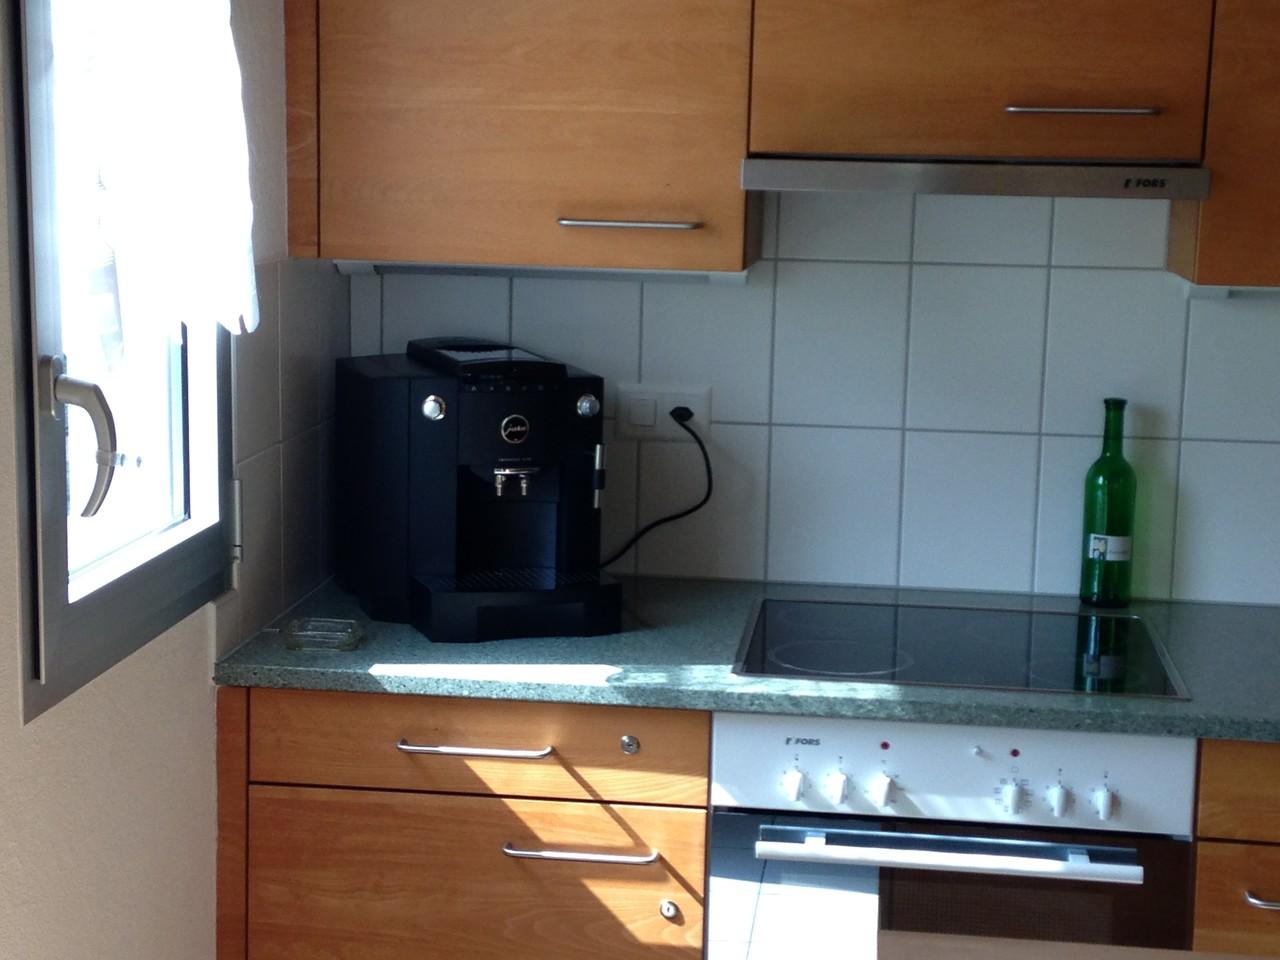 auf Wunsch: JURA-Kaffee-Vollautomat